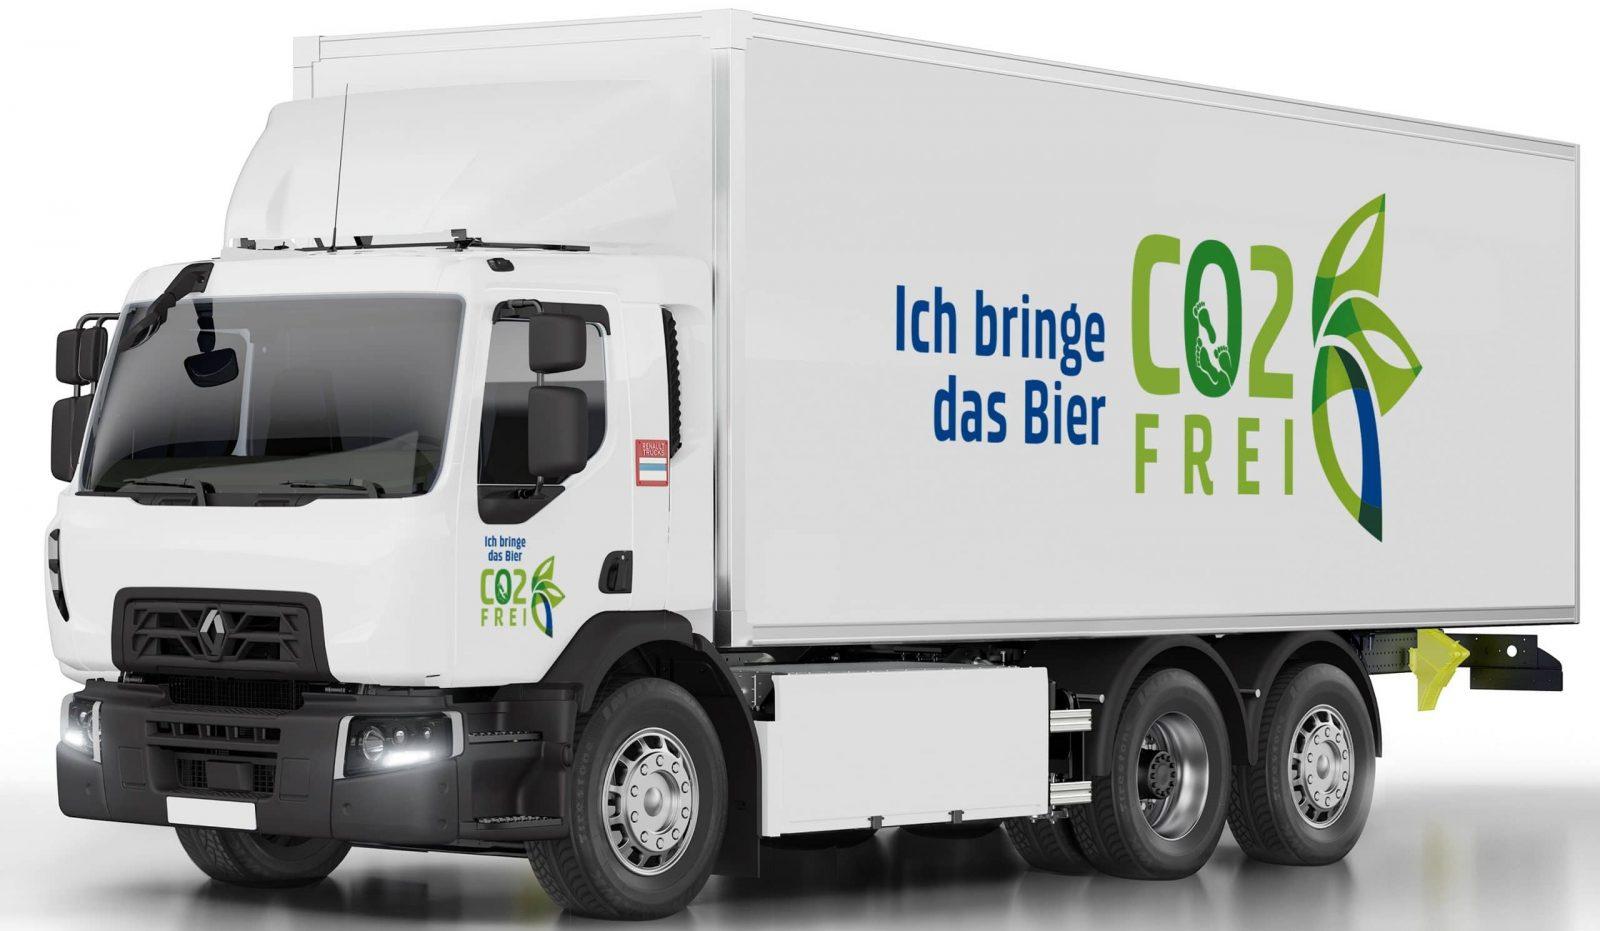 Перший масштабний контракт: Renault Trucks поставить на пивзавод Carlsberg Group 20 електричних вантажівок